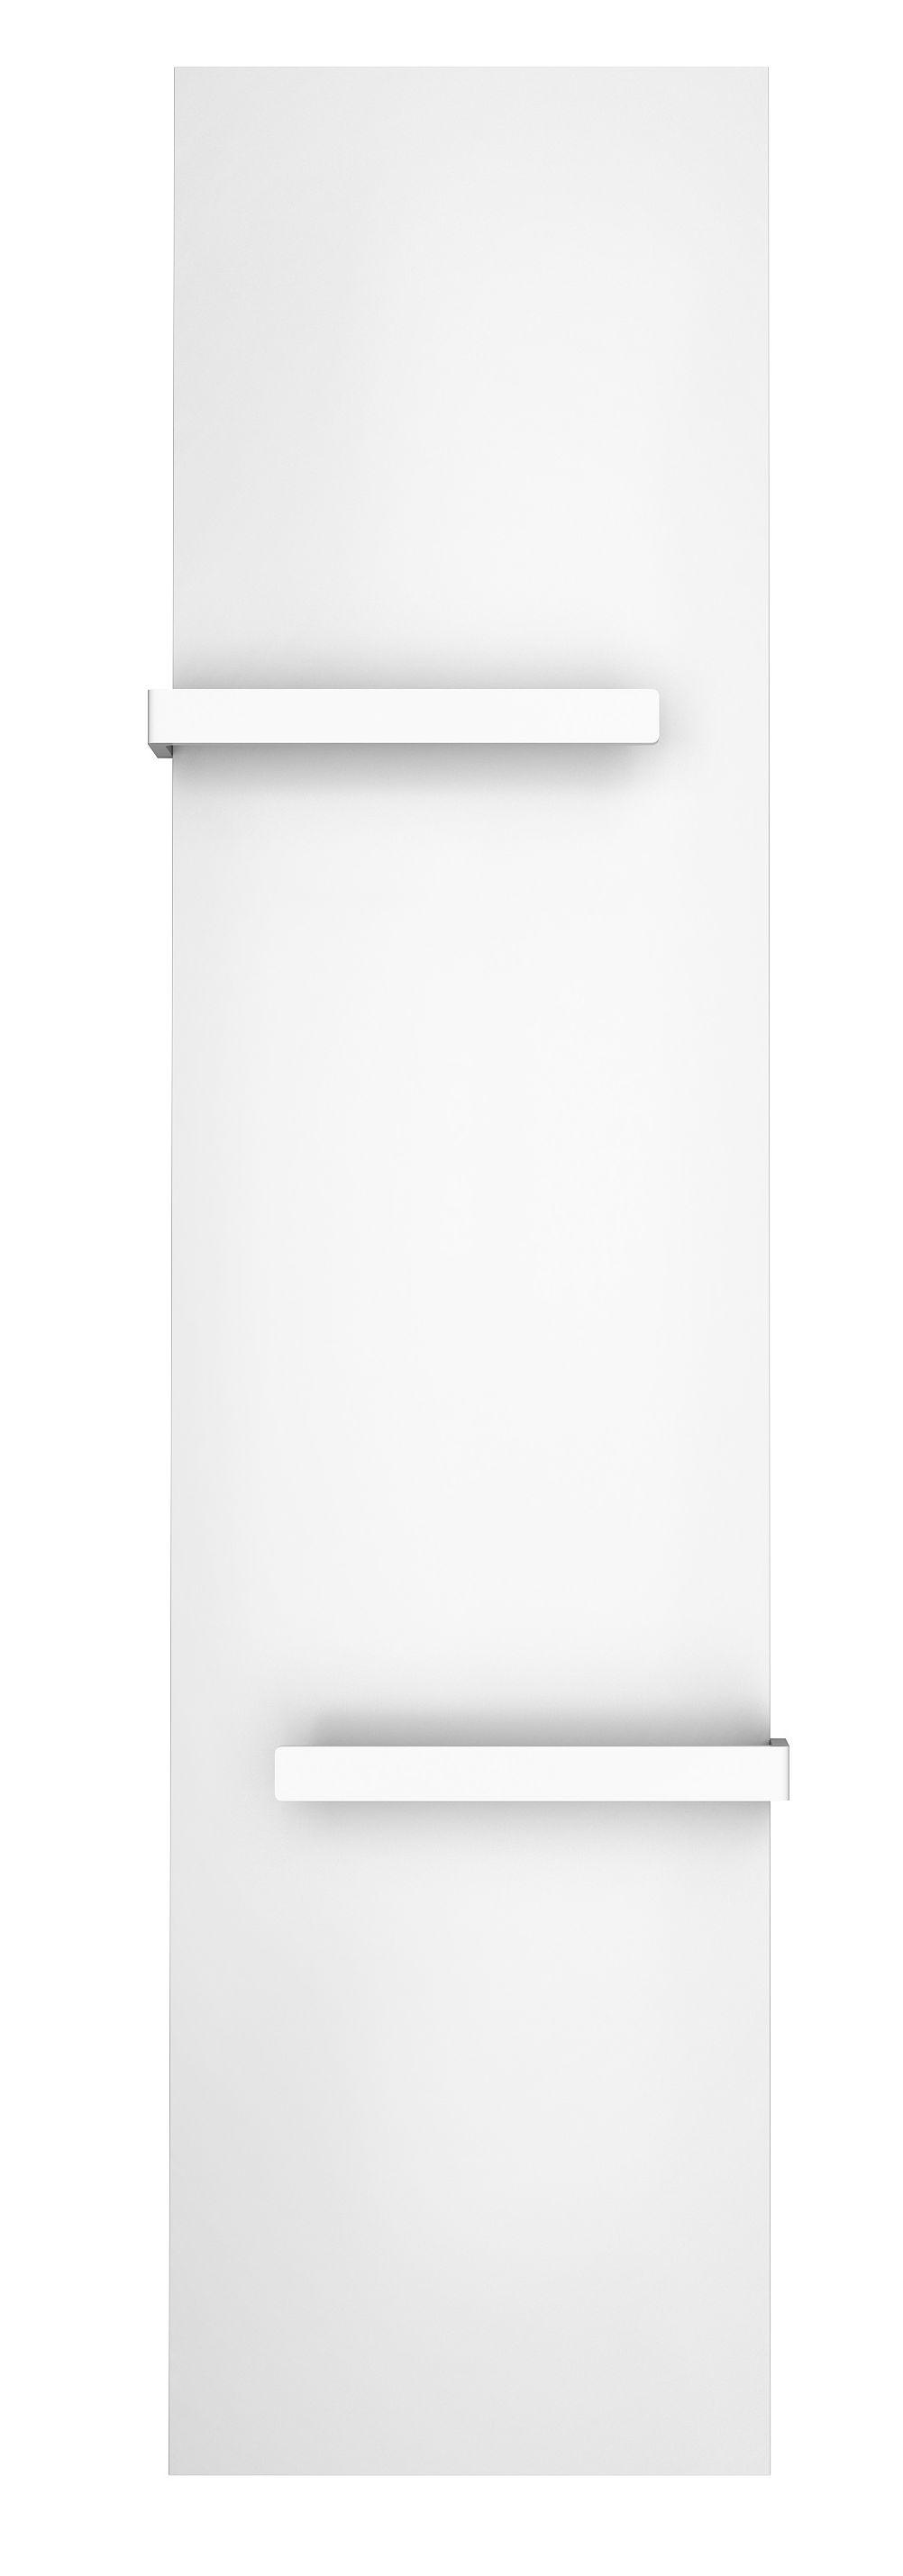 Badheizkörper ALWAR in 160 x 45 cm (Mittelanschluss, weiß)